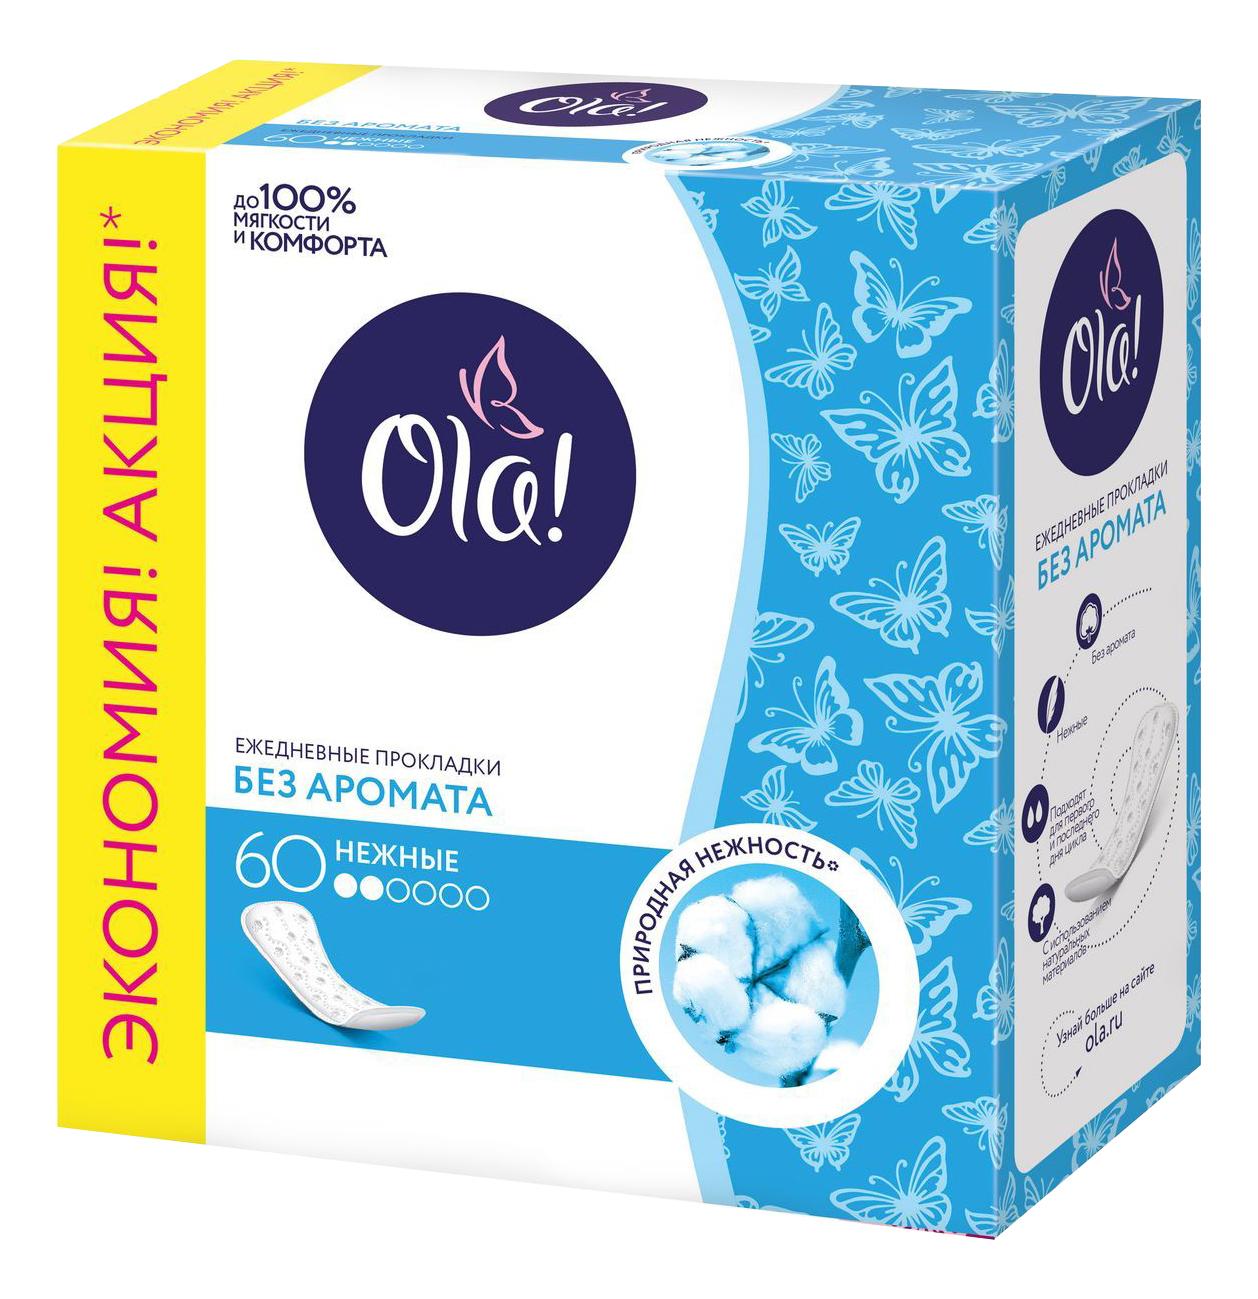 Купить прокладки OLA Daily эконом,упаковка 60шт, цены в Москве на goods.ru